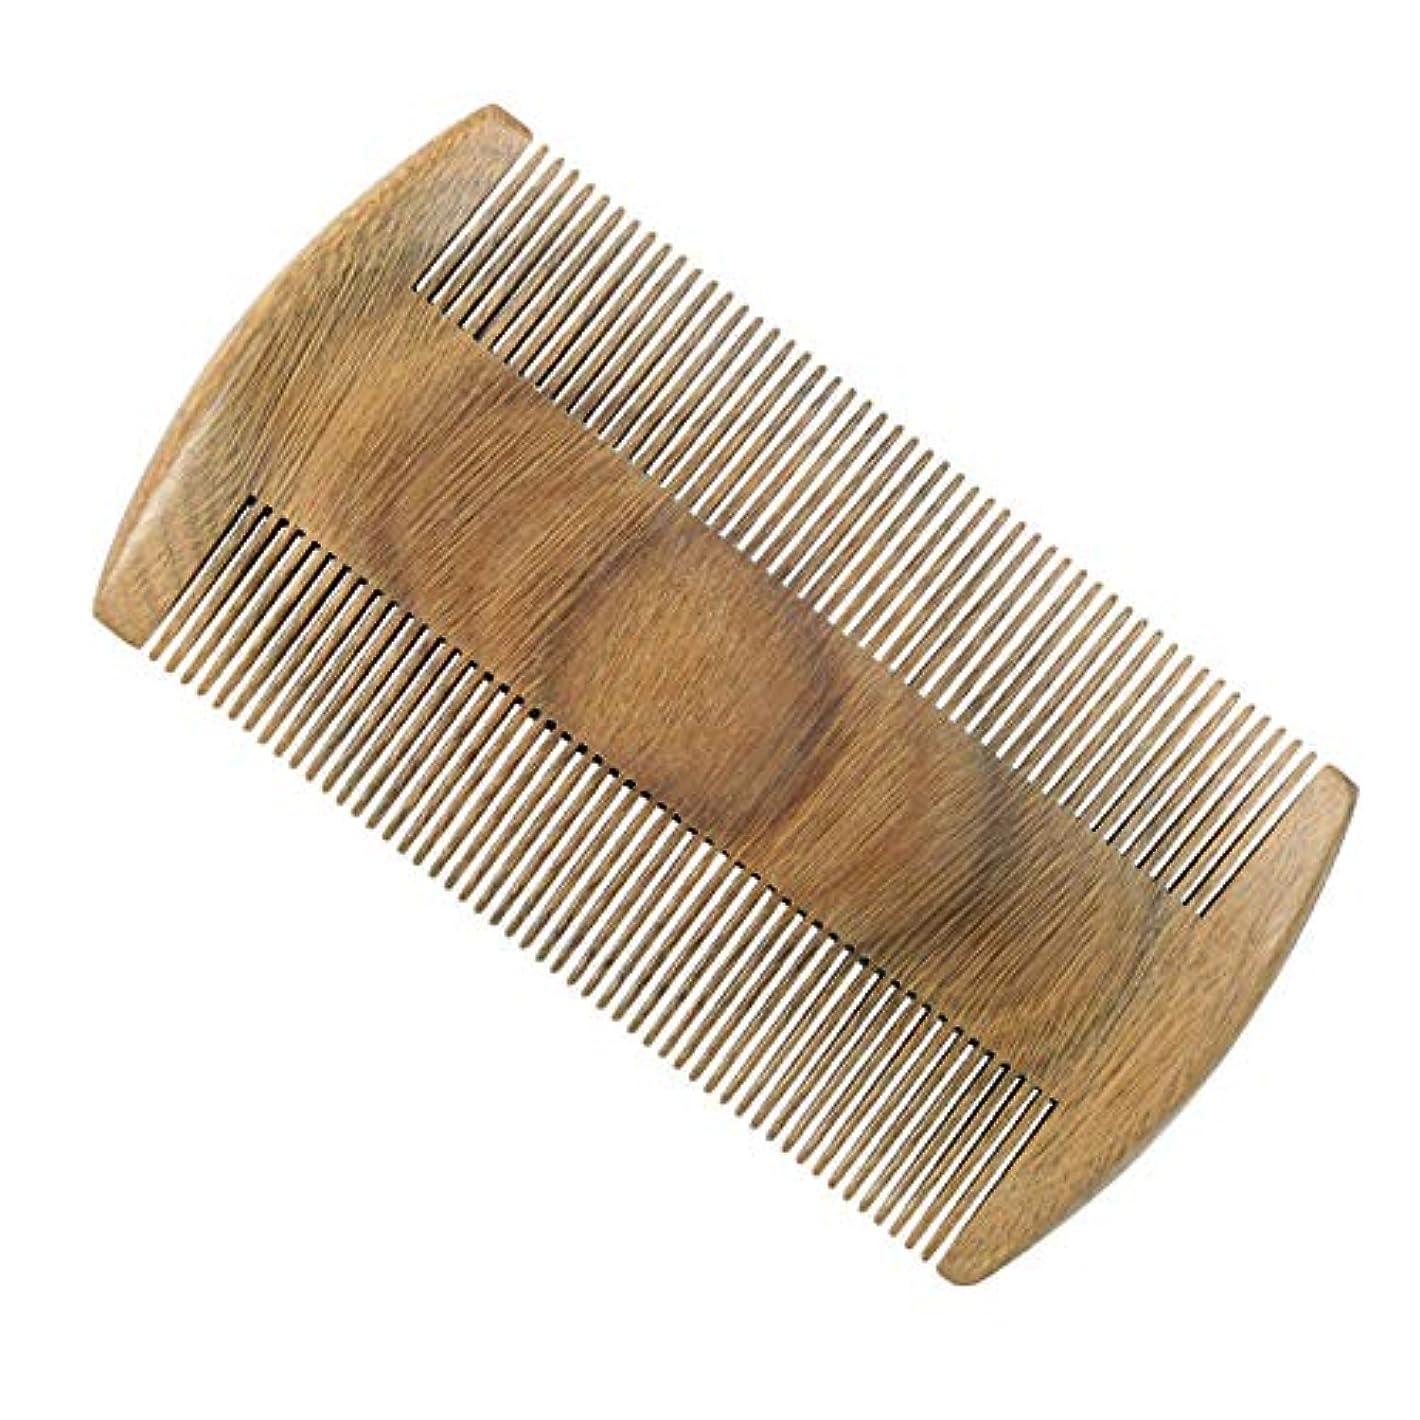 記念碑教授バウンスALIVEON 高級木製櫛 ヘアブラシ つげ櫛 頭皮マッサージ 天然緑檀 ヘアコーム 静電気防止 男女兼用